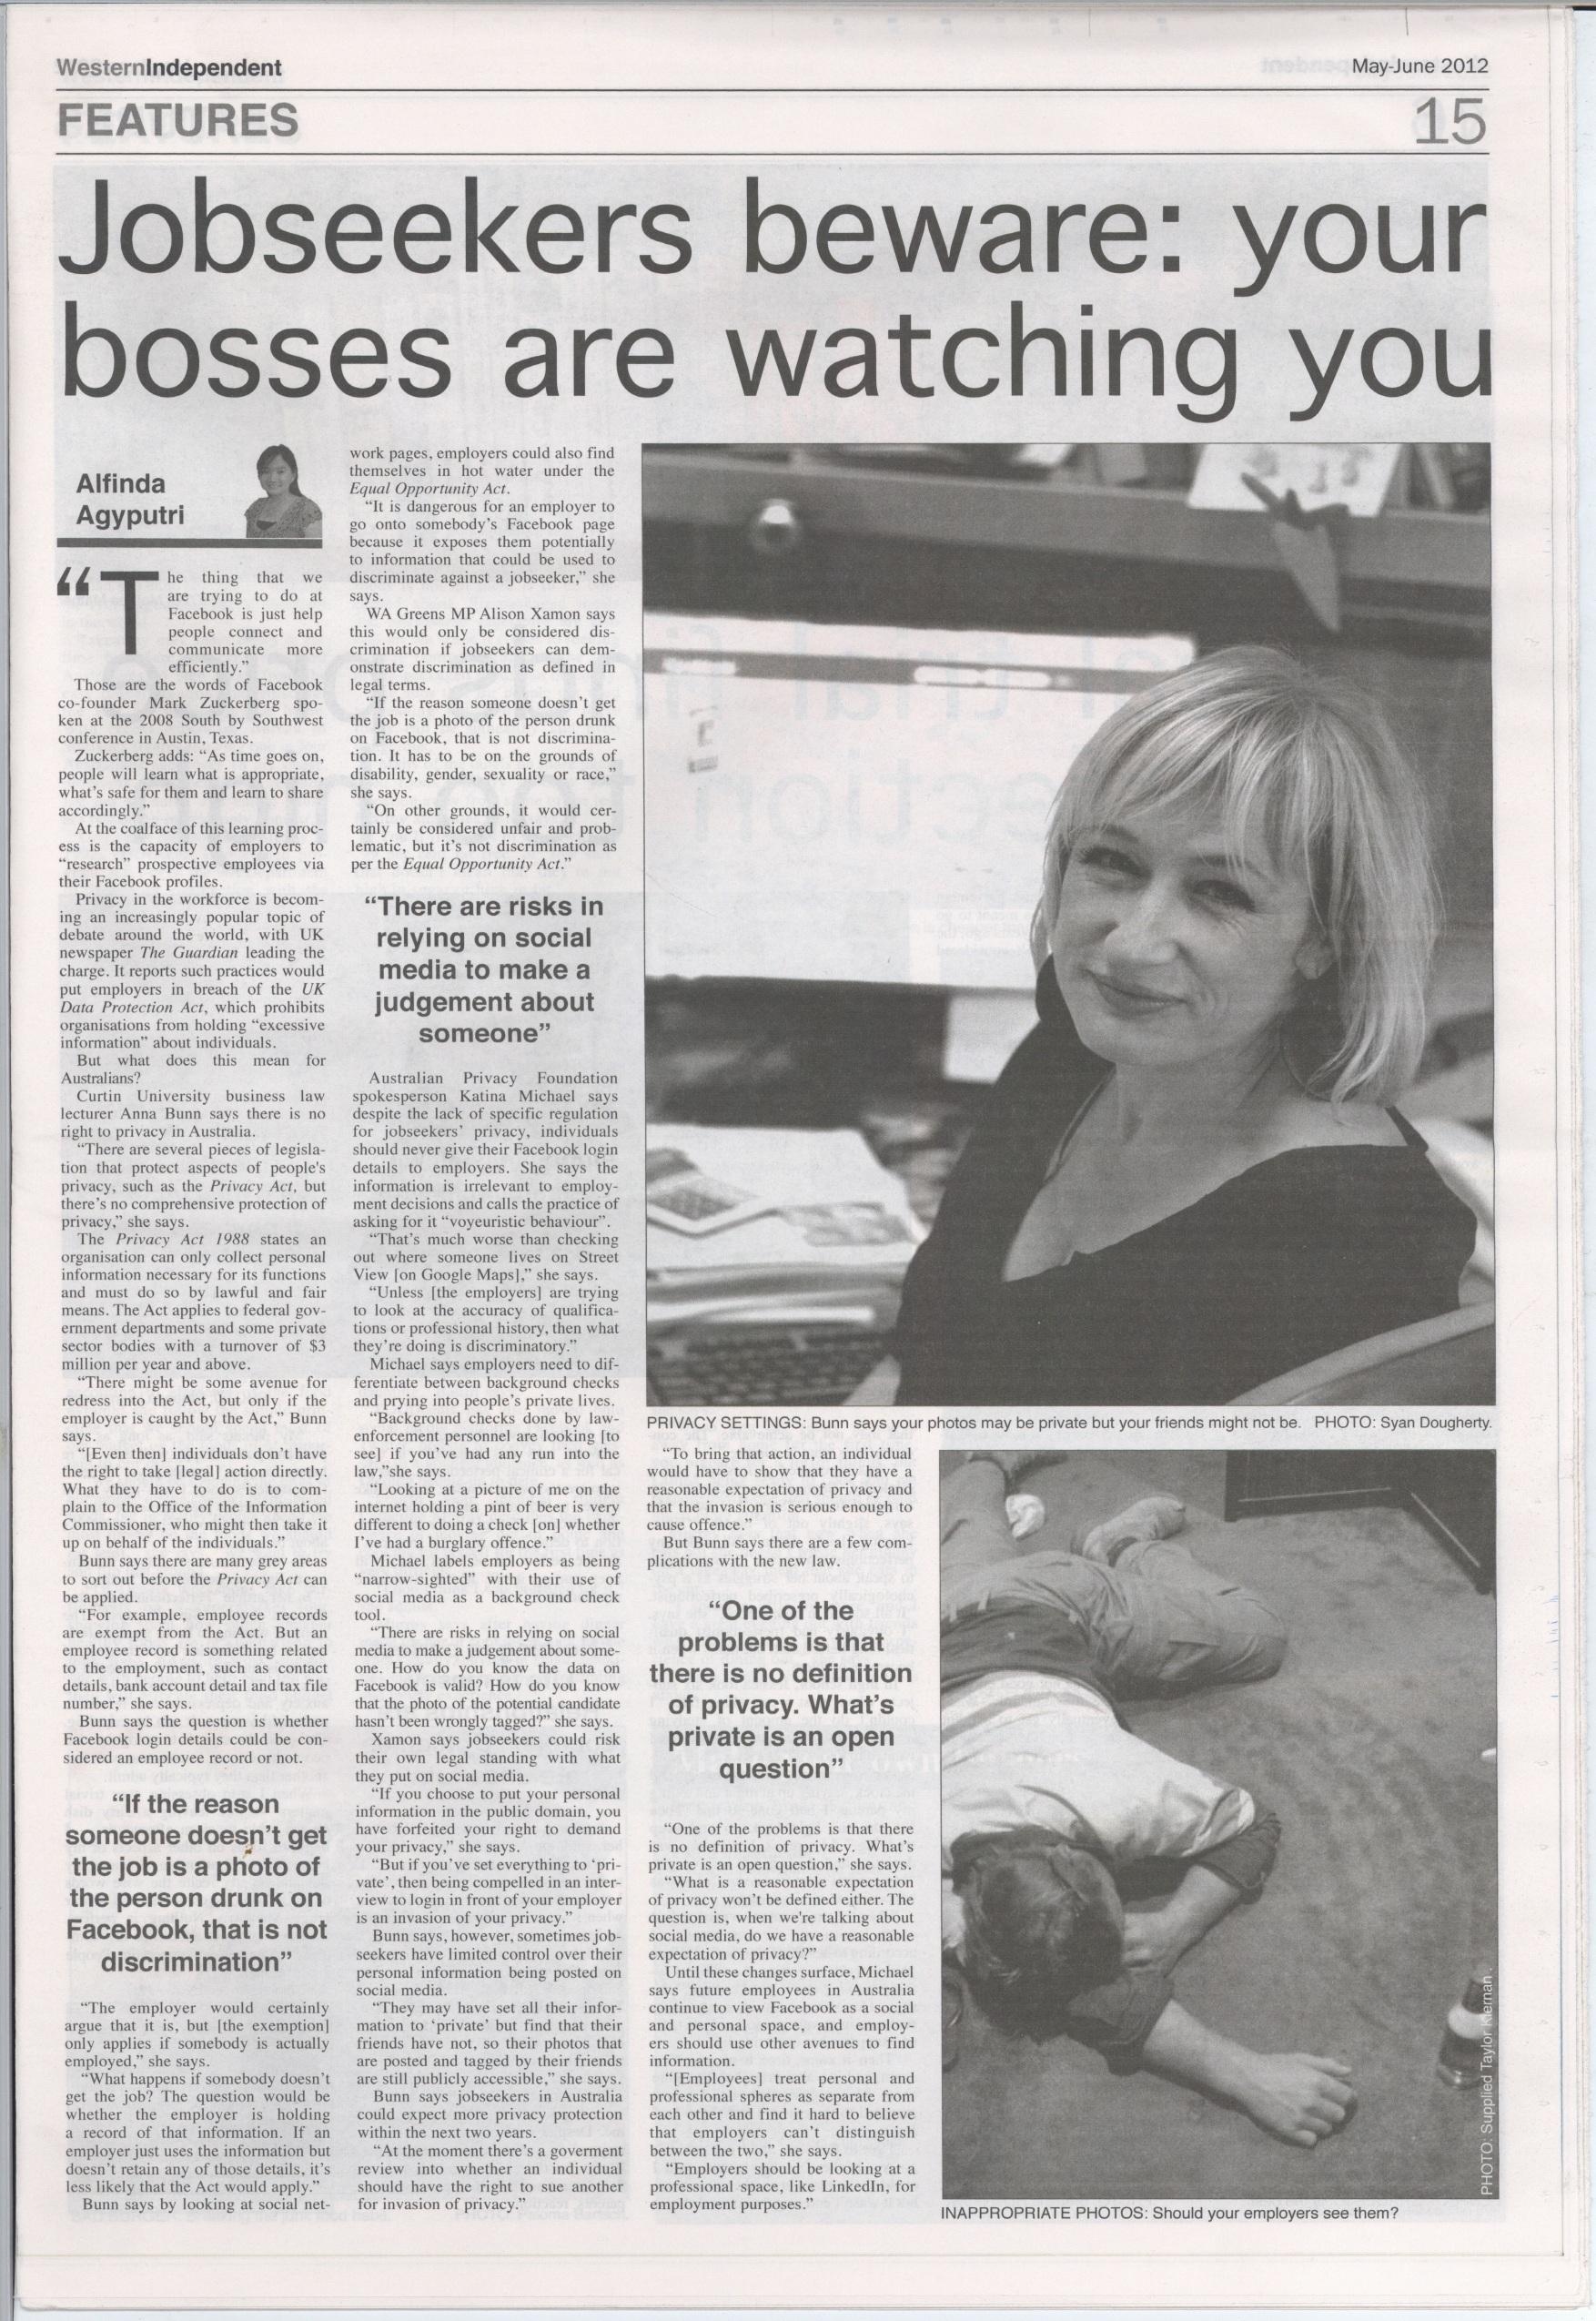 Jobseekers privacy article.jpg